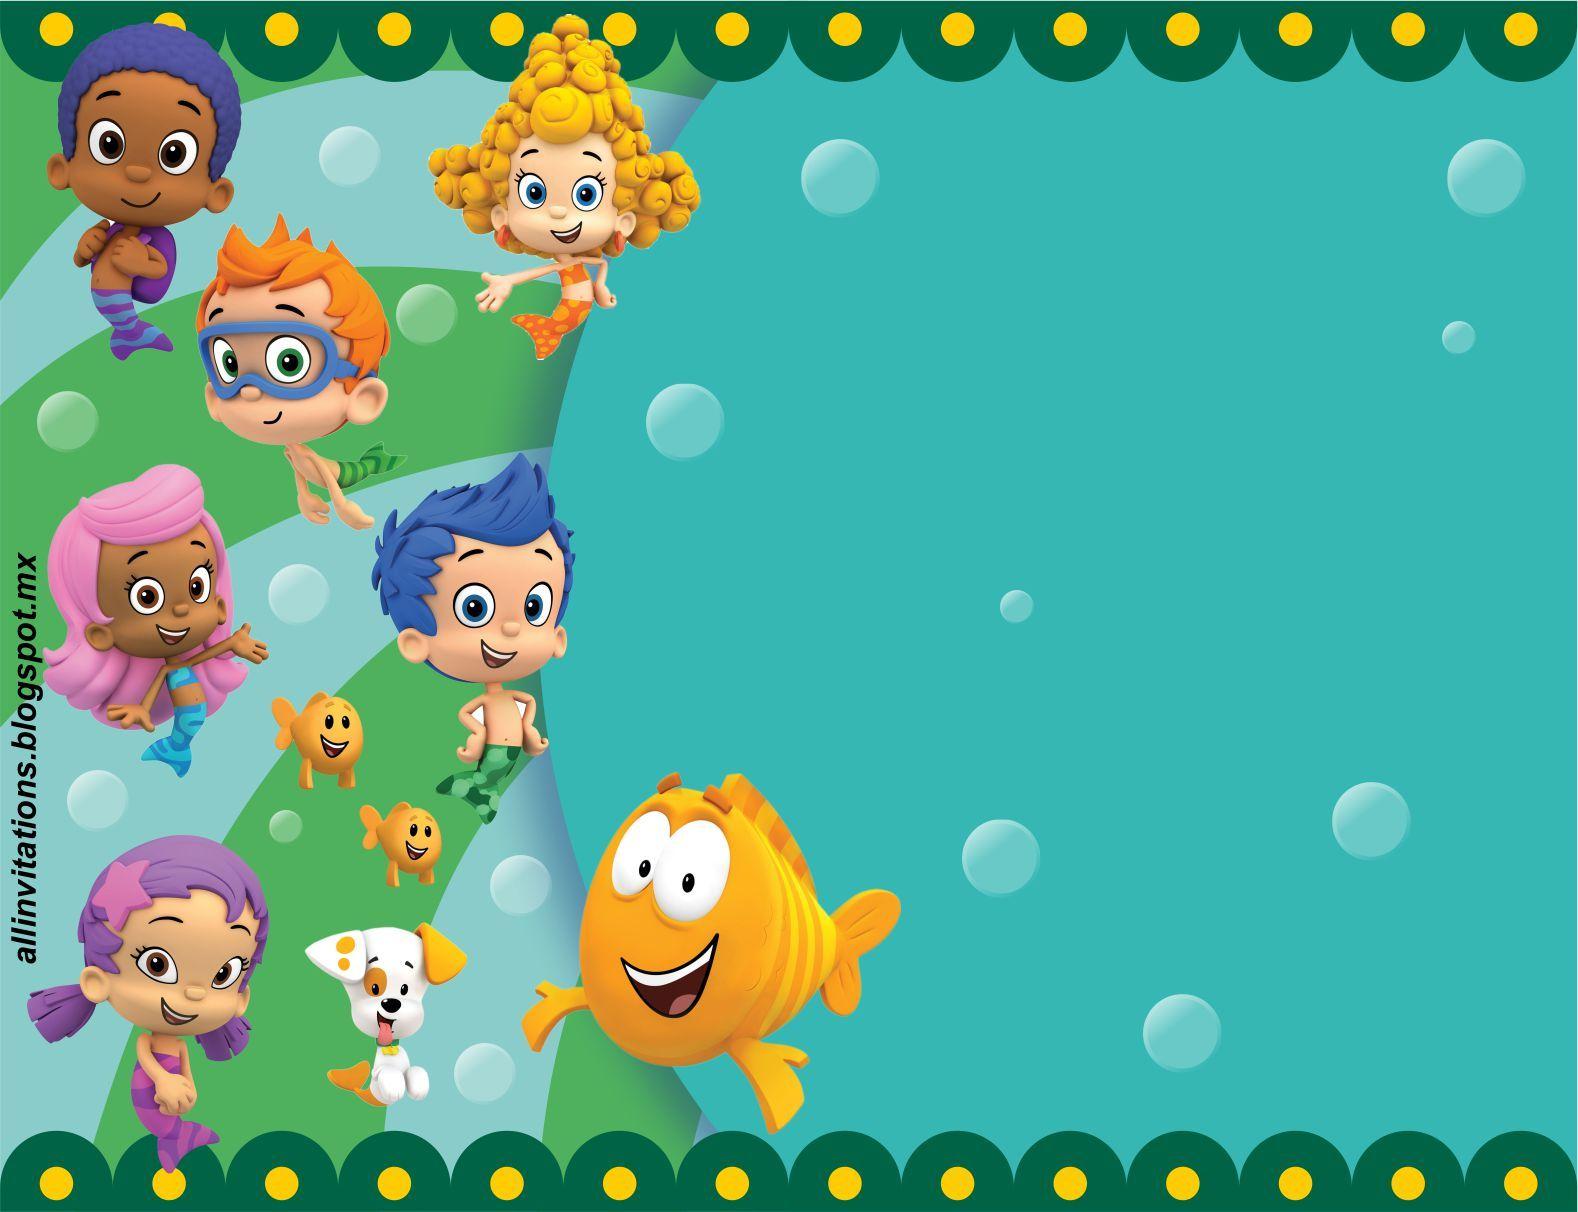 Plantillas Bubble Guppies | invitaciones | Pinterest | Bubble ...